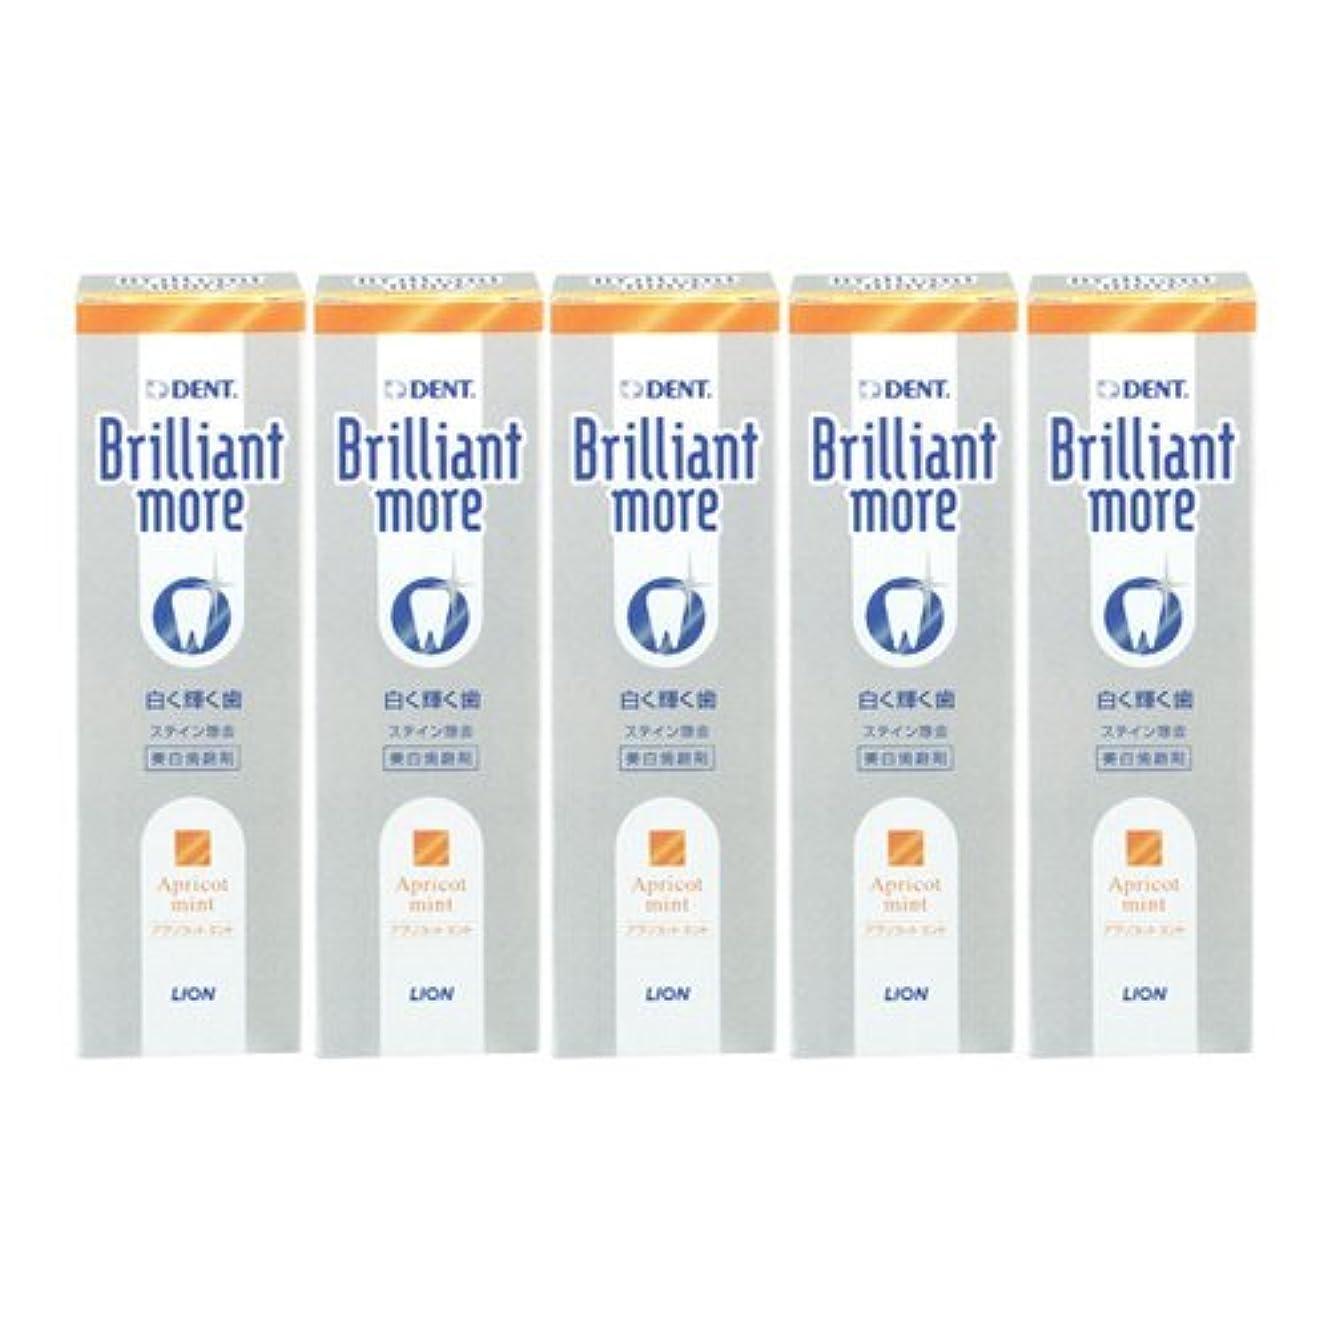 グループ規制太平洋諸島ライオン ブリリアントモア アプリコットミント 美白歯磨剤 LION Brilliant more 5本セット